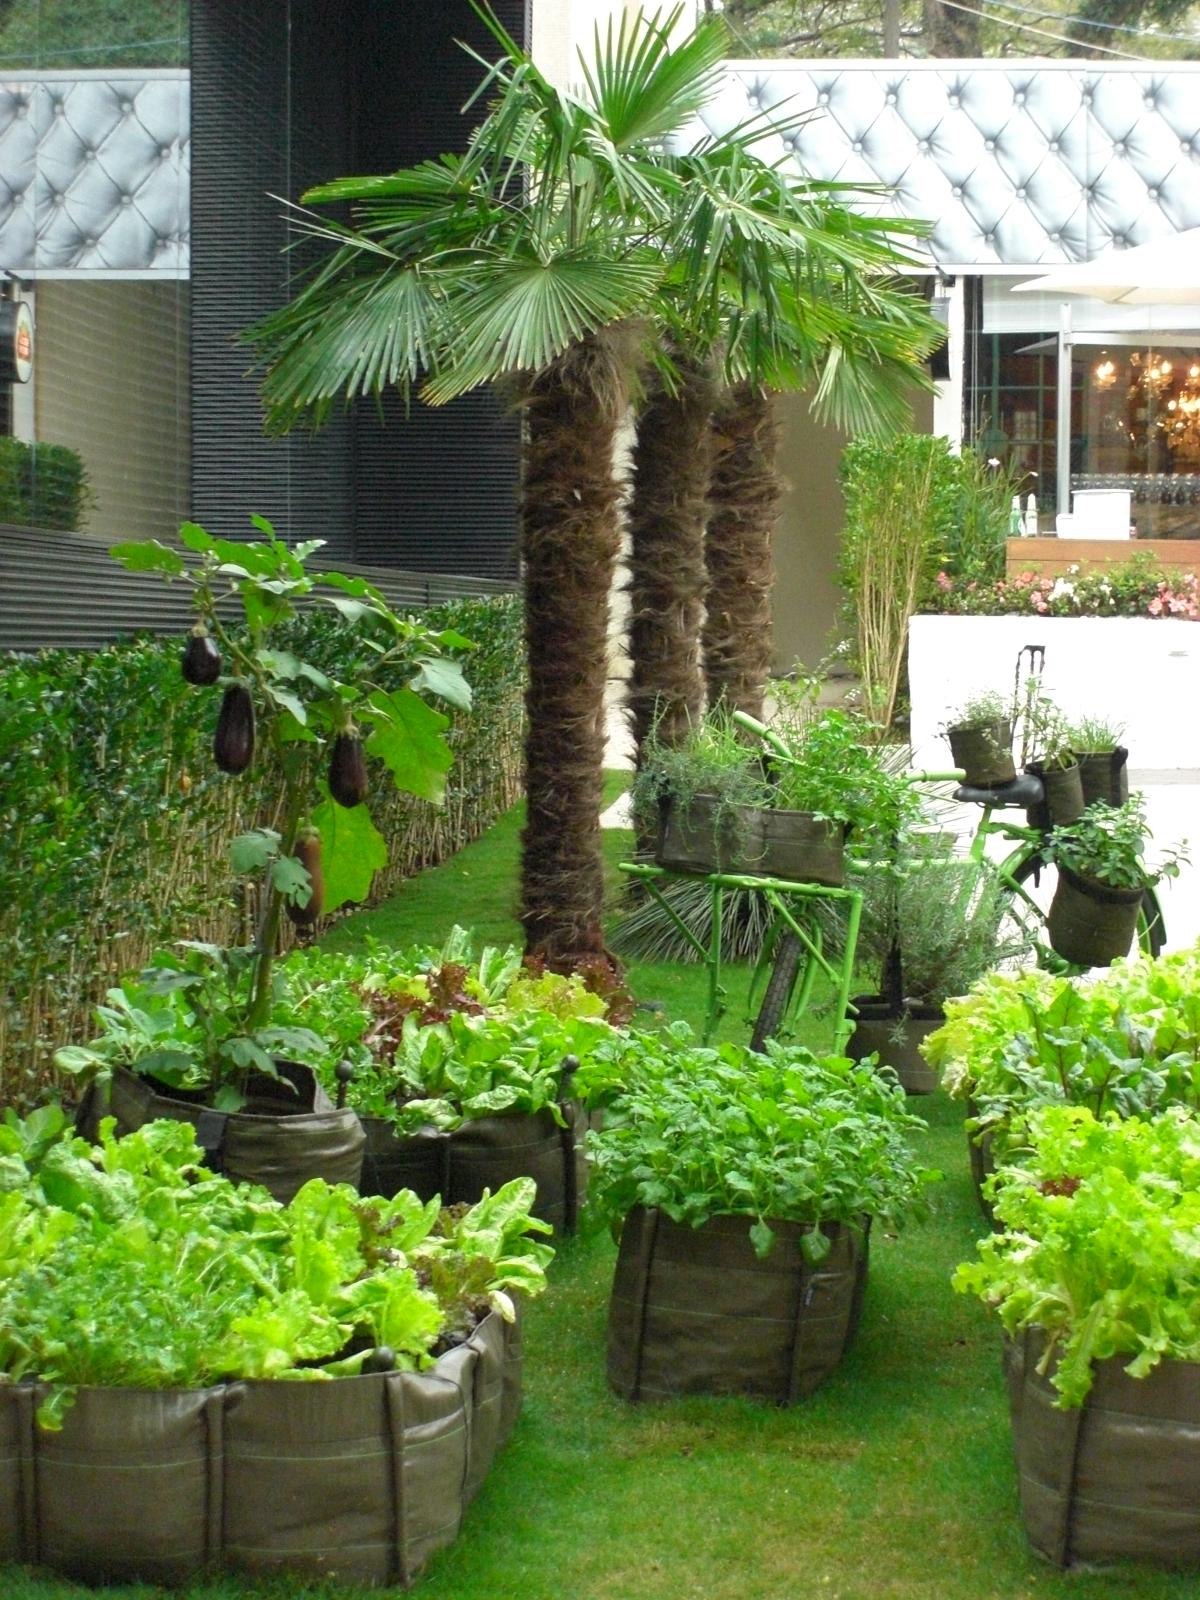 #8CB714 horta no jardim de inverno:Izabel Silvestre – Design de Ambientes  1200x1600 px jardim de inverno no banheiro como fazer